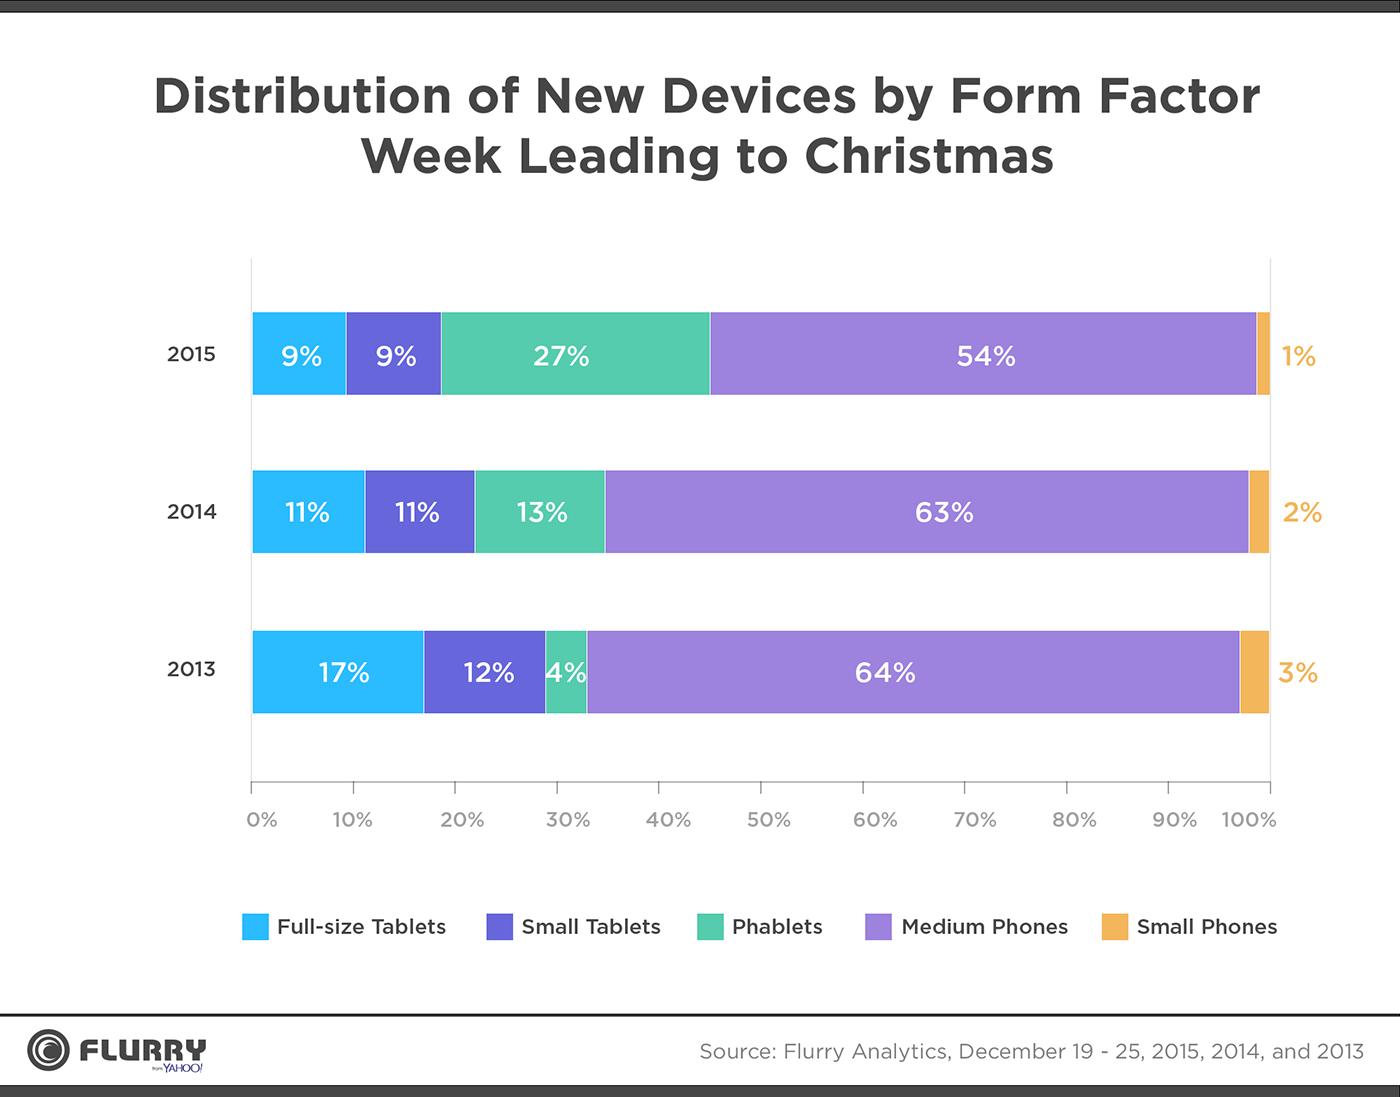 Venta de gadgets en navidad 2015 cc Flurry